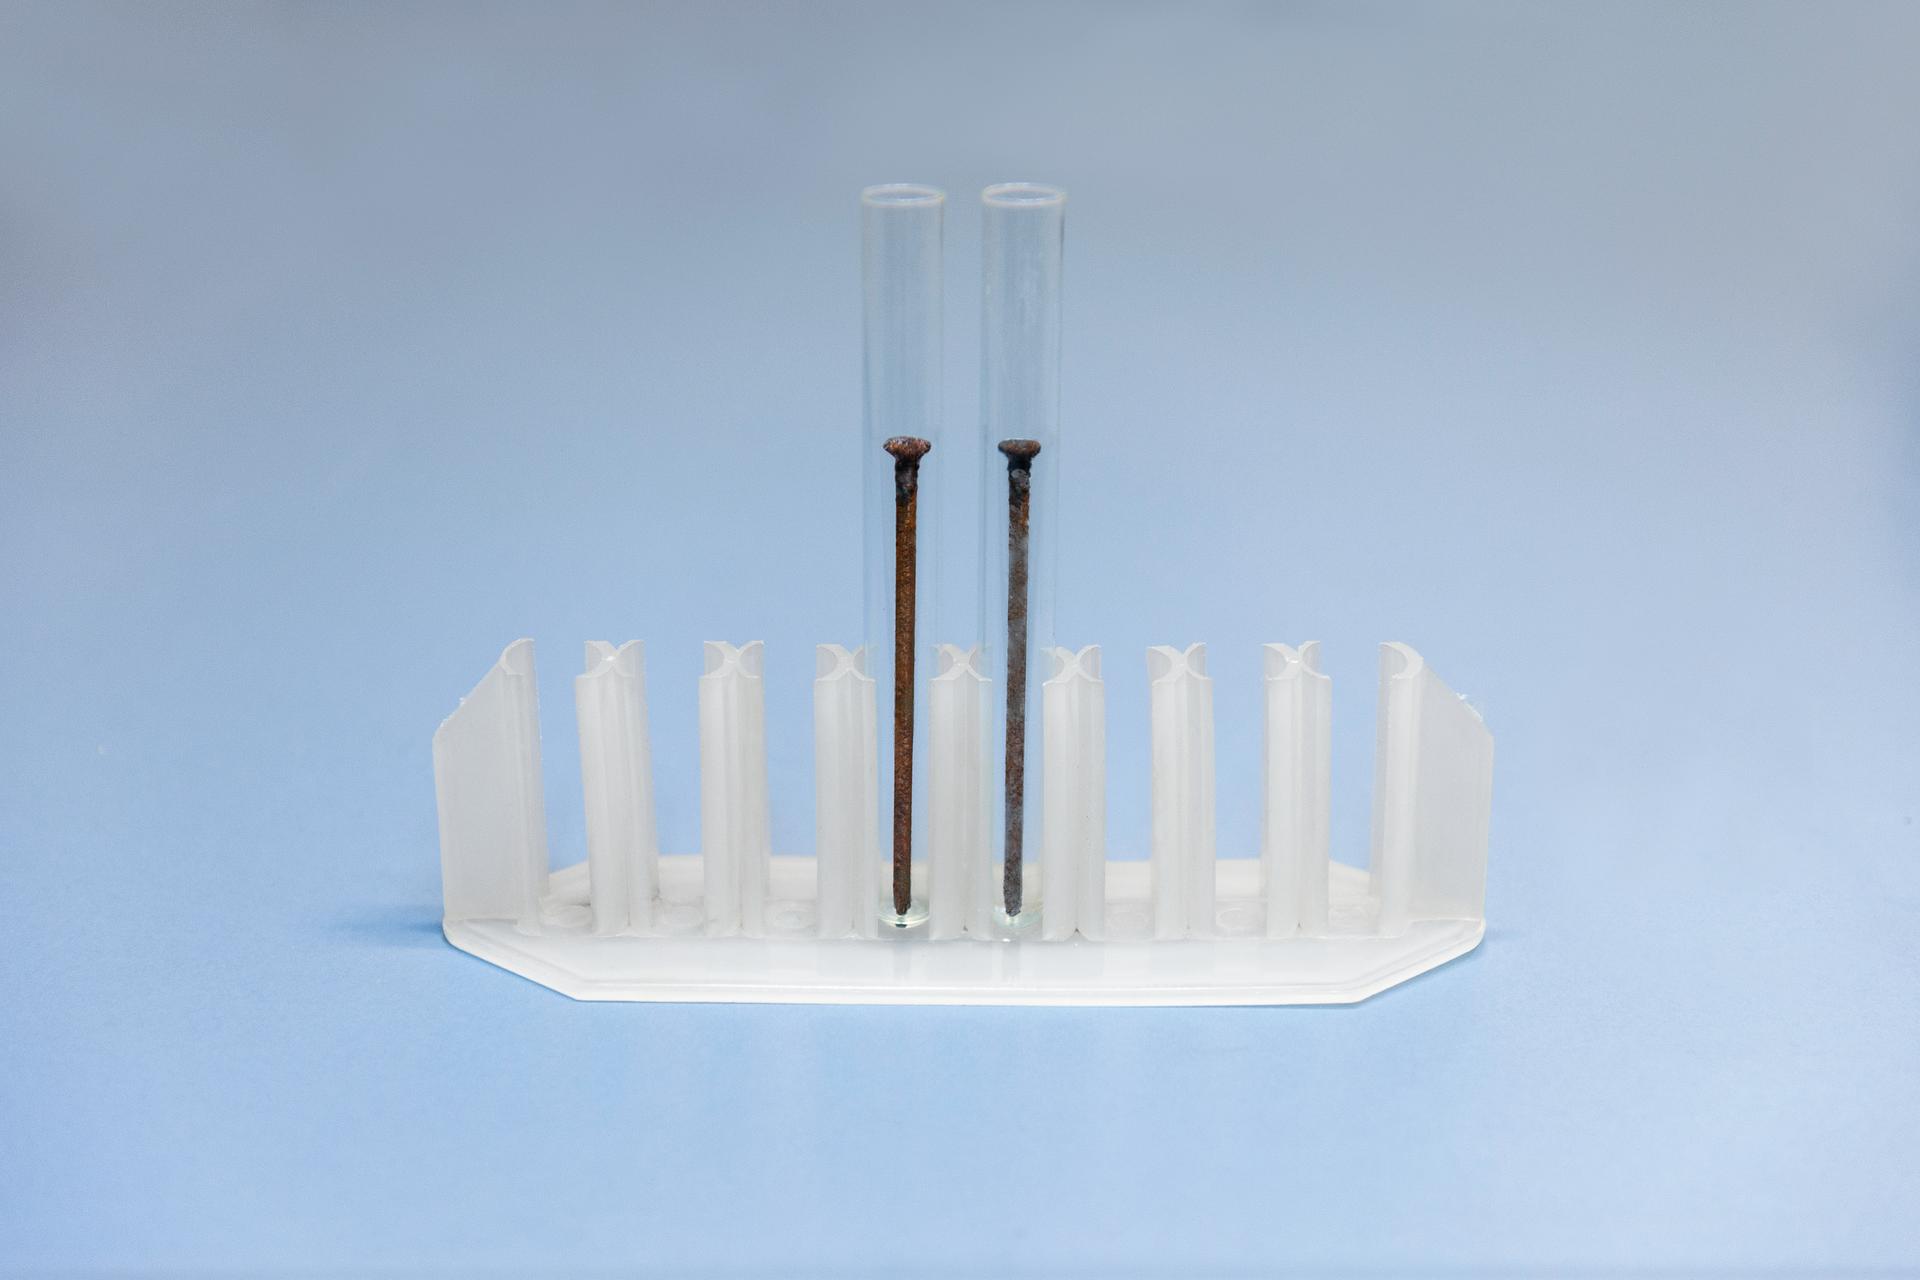 Piąte zdjęcie wgalerii przedstawia plastikowy stojak na probówki zdwiema małymi probówkami, wktórych nie ma żadnych płynów, ale są dwa duże gwoździe. Gwóźdź zlewej strony jest zardzewiały. Gwóźdź po prawej stronie ma ślady rdzy, ale znacznie mniejsze. Redukcja stopnia zardzewienia to efekt kilkudniowej kąpieli wkwasie fosforowym.